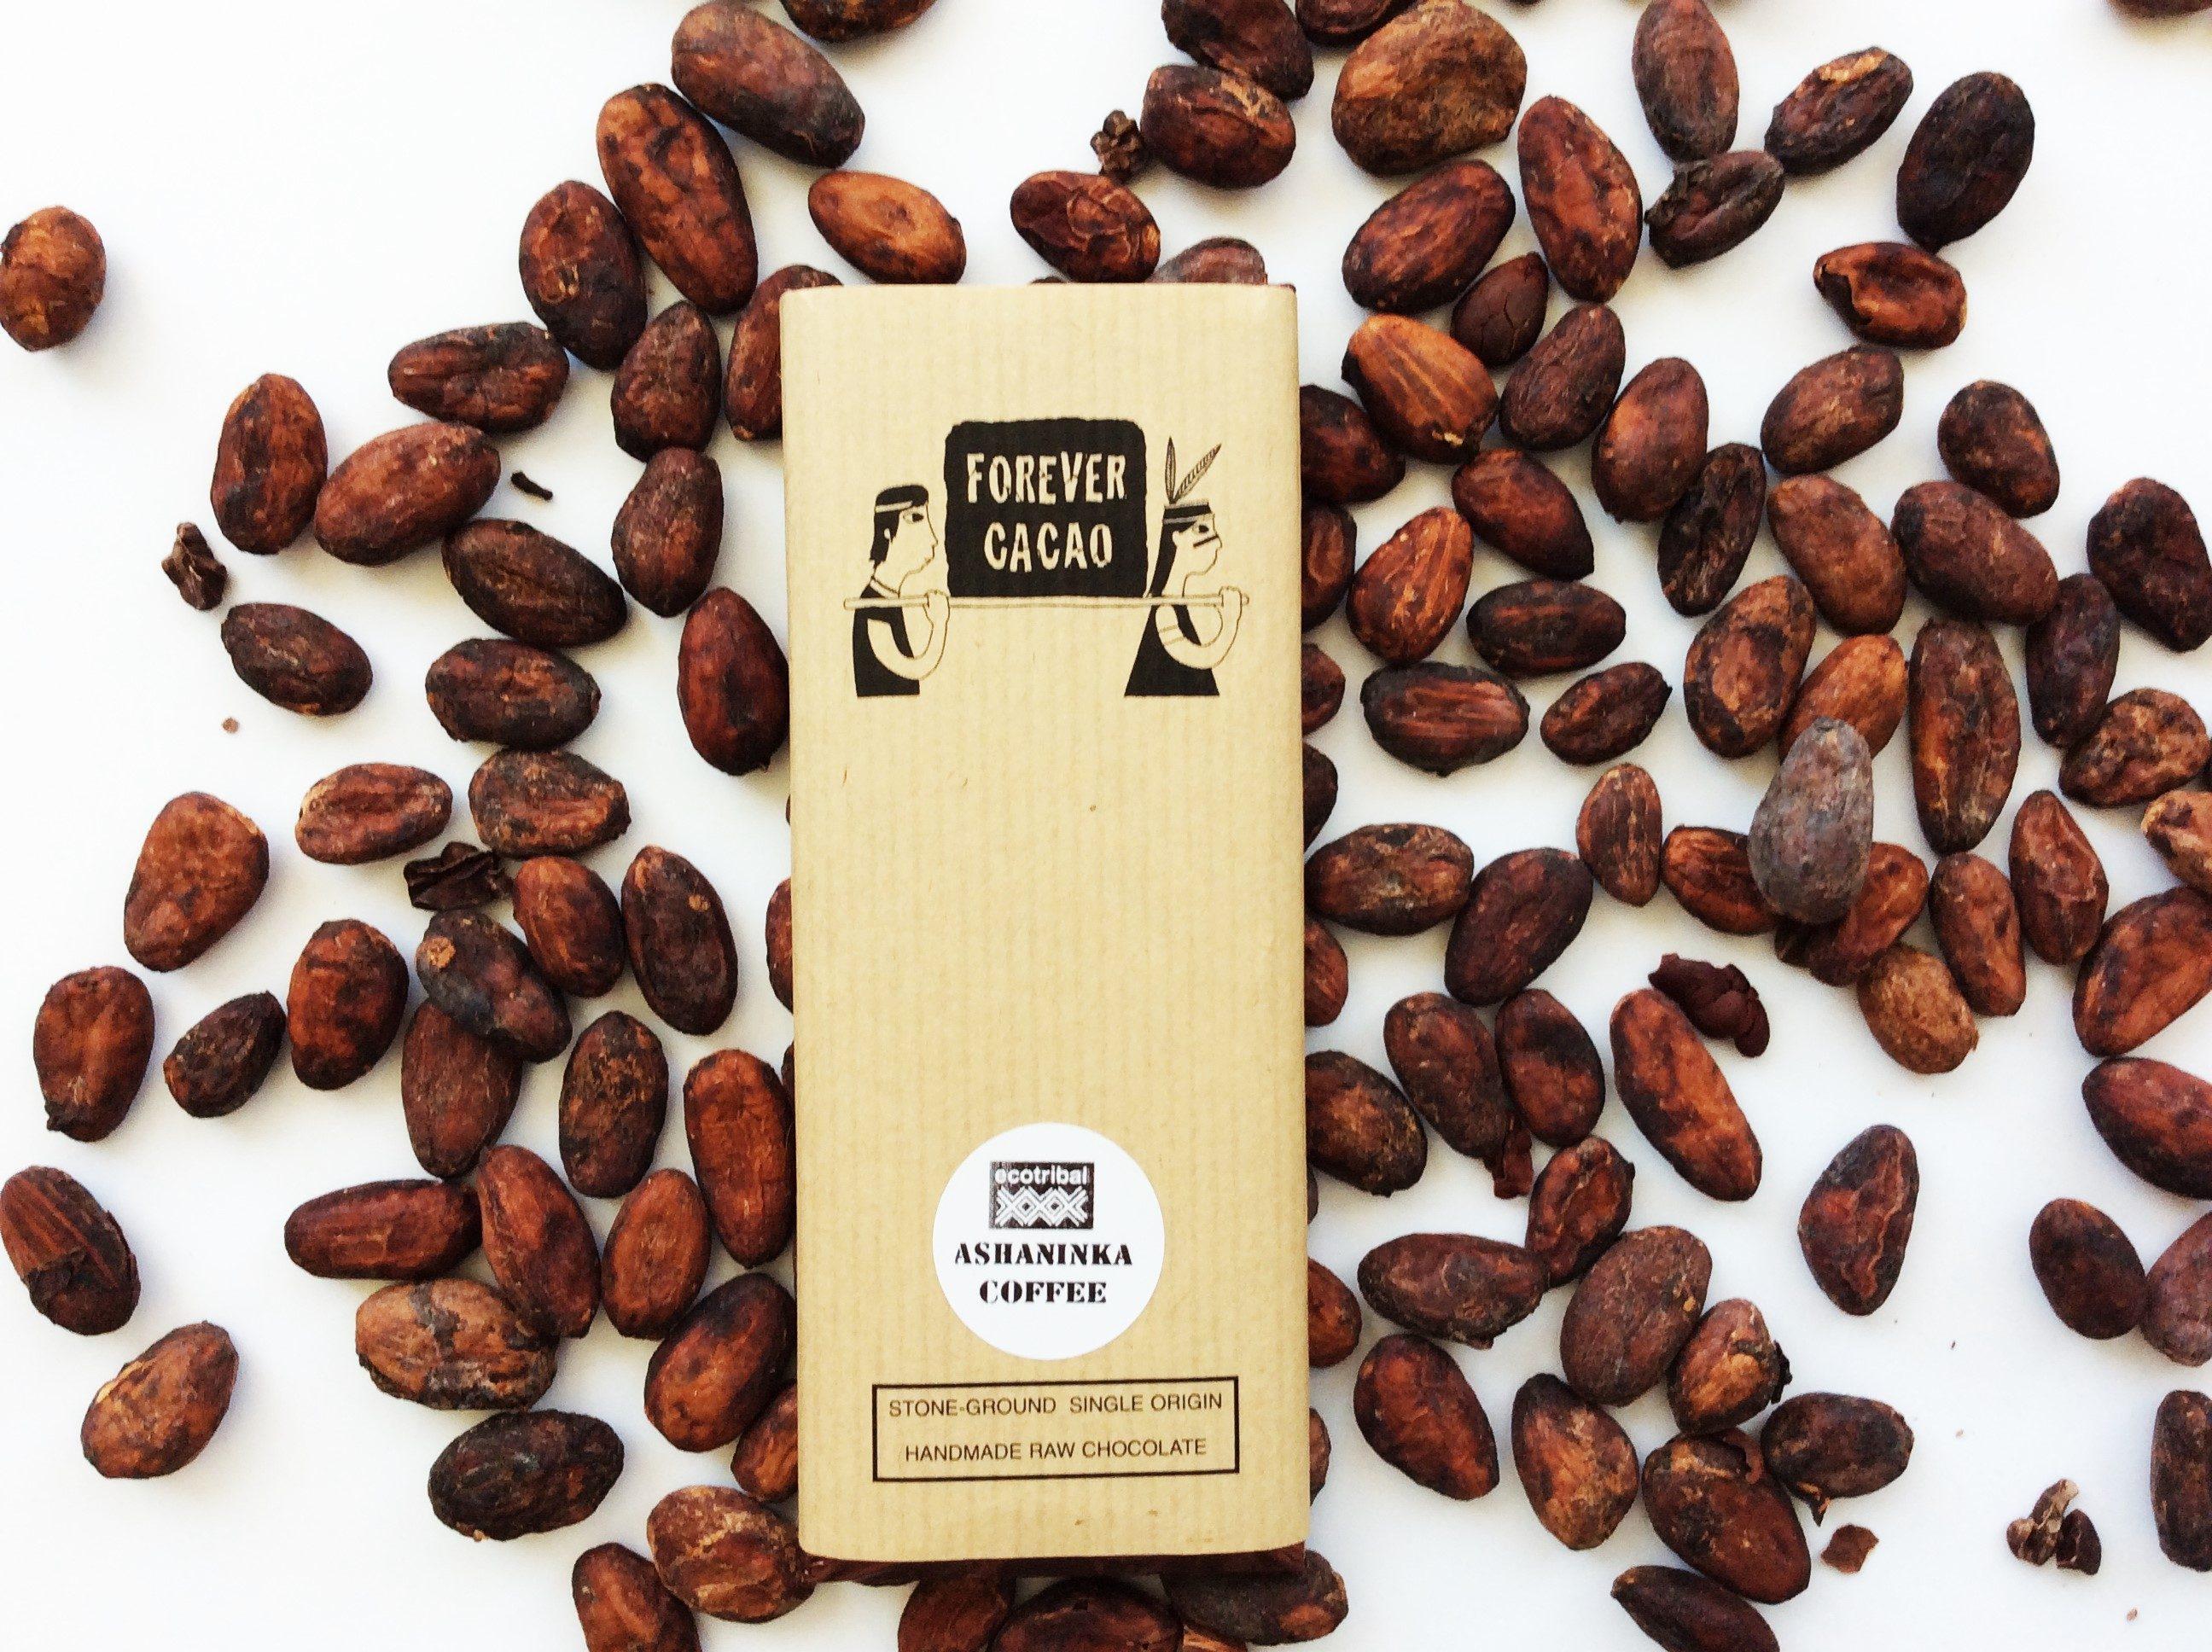 Chocolat Forever Cacao – Café Ashaninka 80%